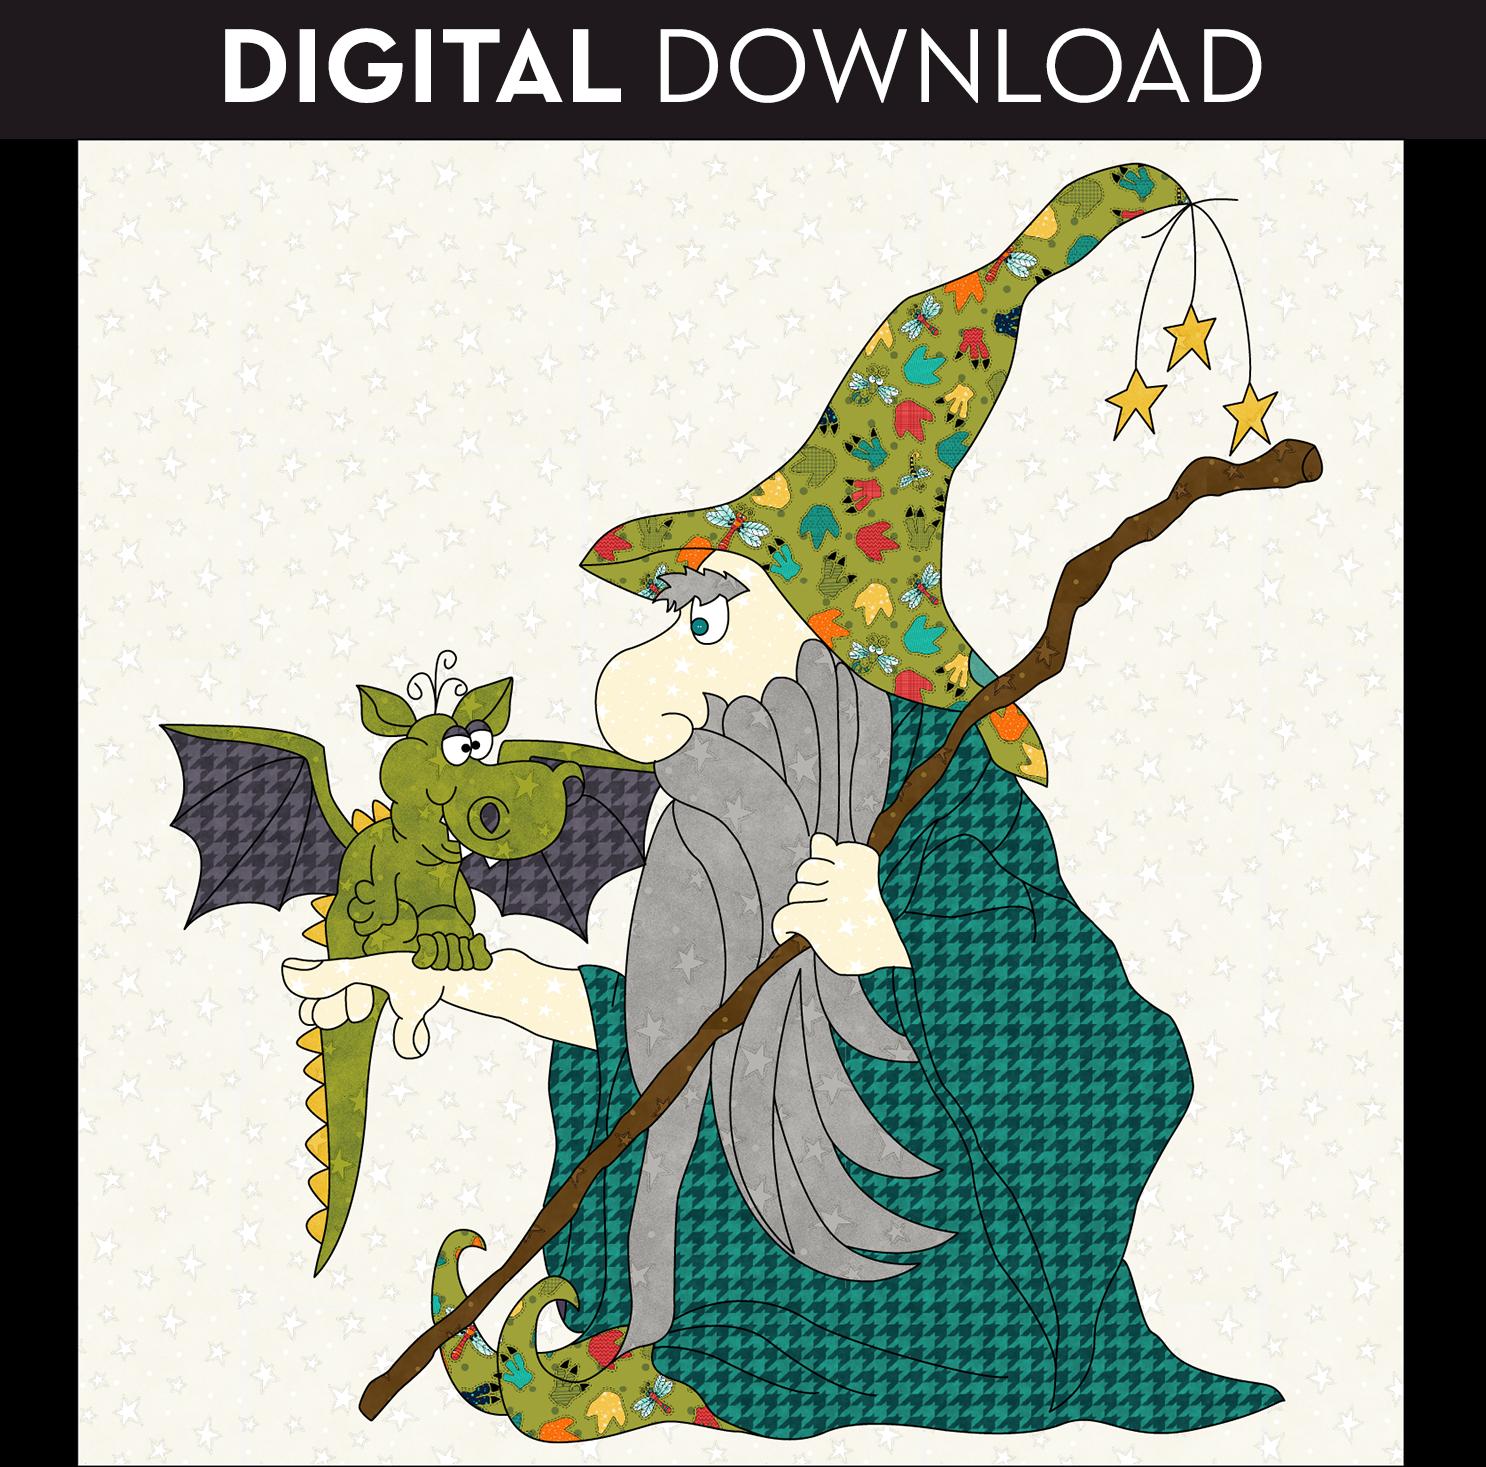 Wizard & Dragon Applique - Download